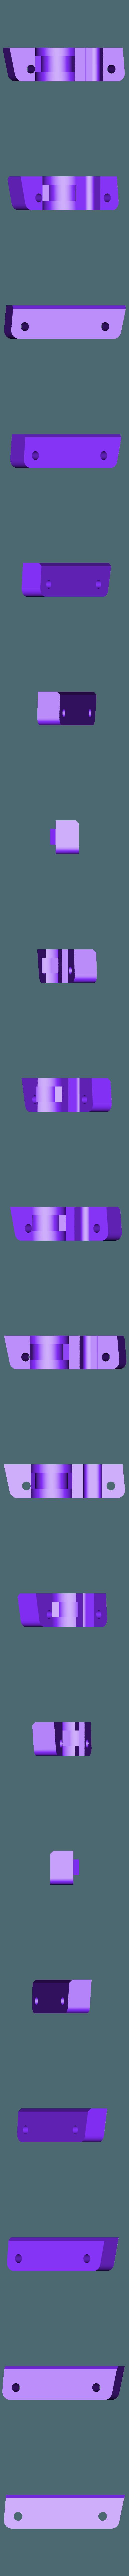 e3d_mount_v1-6_CLAMP.STL Télécharger fichier STL gratuit Monture Nautilus (RigidBot E3D v6) • Objet pour impression 3D, WalterHsiao